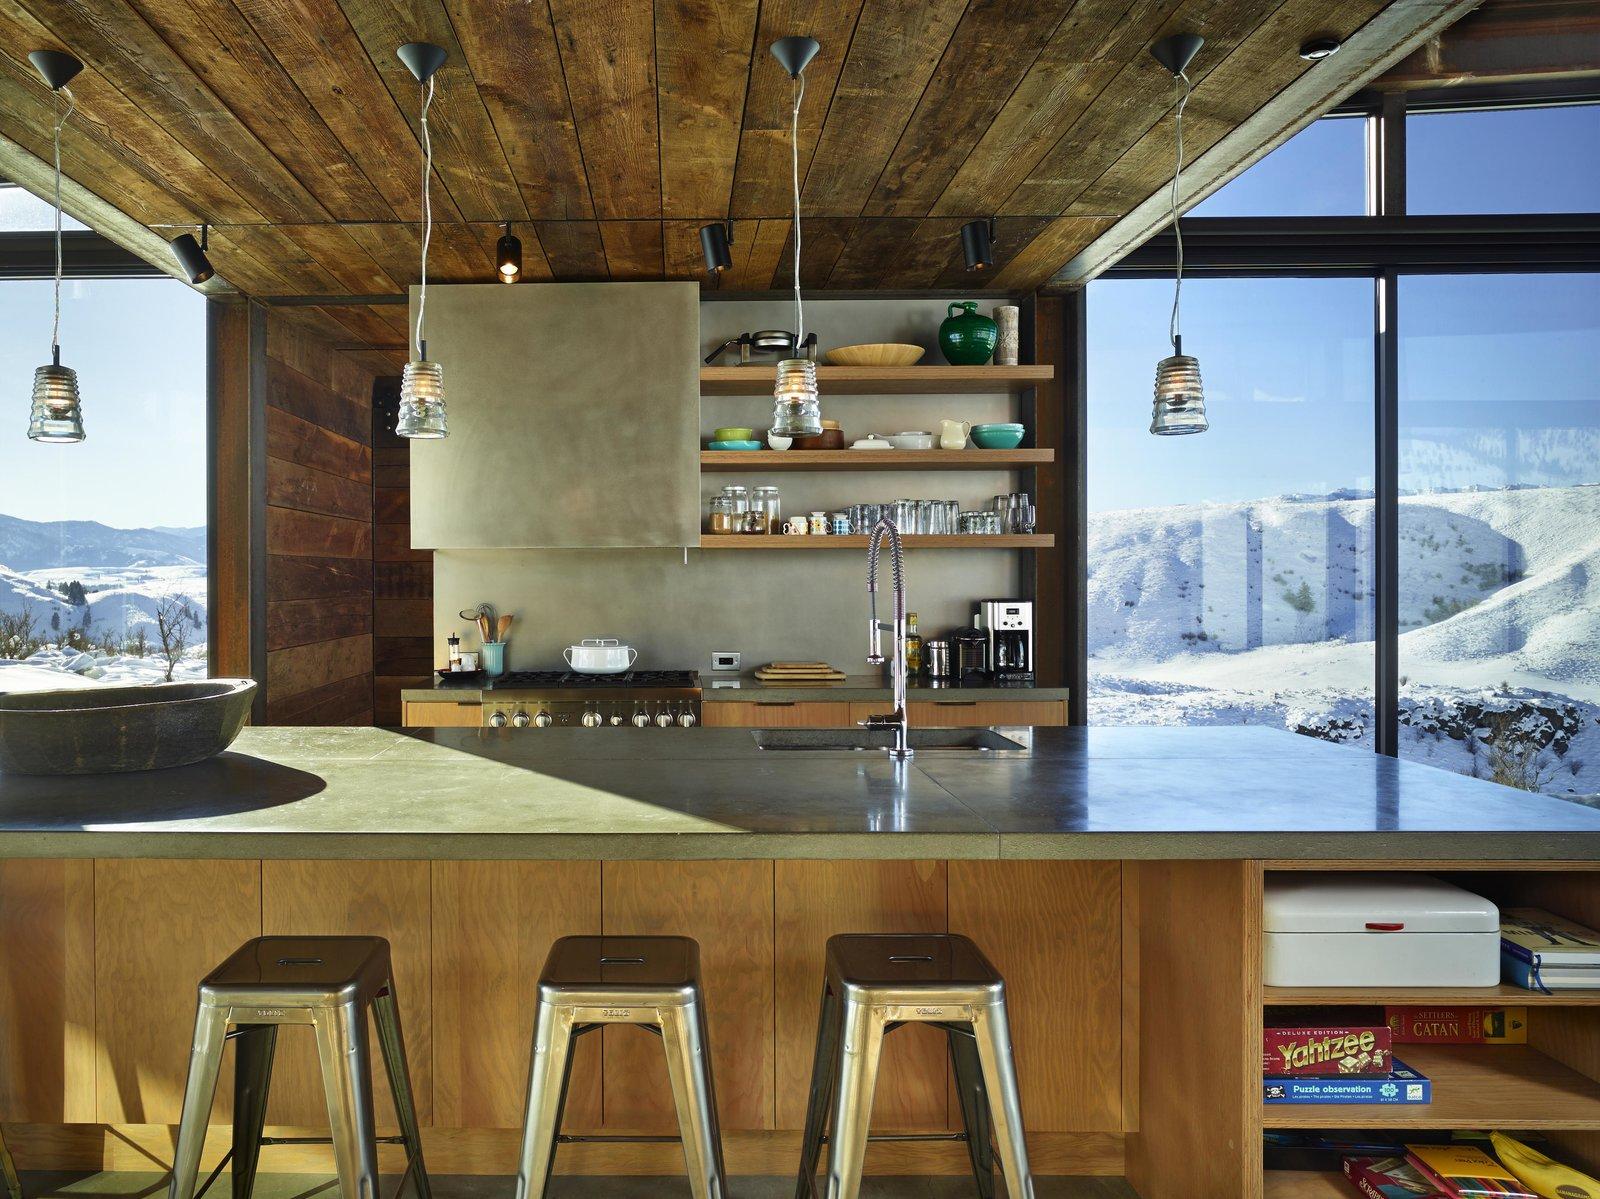 Studhorse | Olson Kundig Tagged: Kitchen, Concrete Counter, Concrete Backsplashe, and Pendant Lighting. Studhorse by Olson Kundig